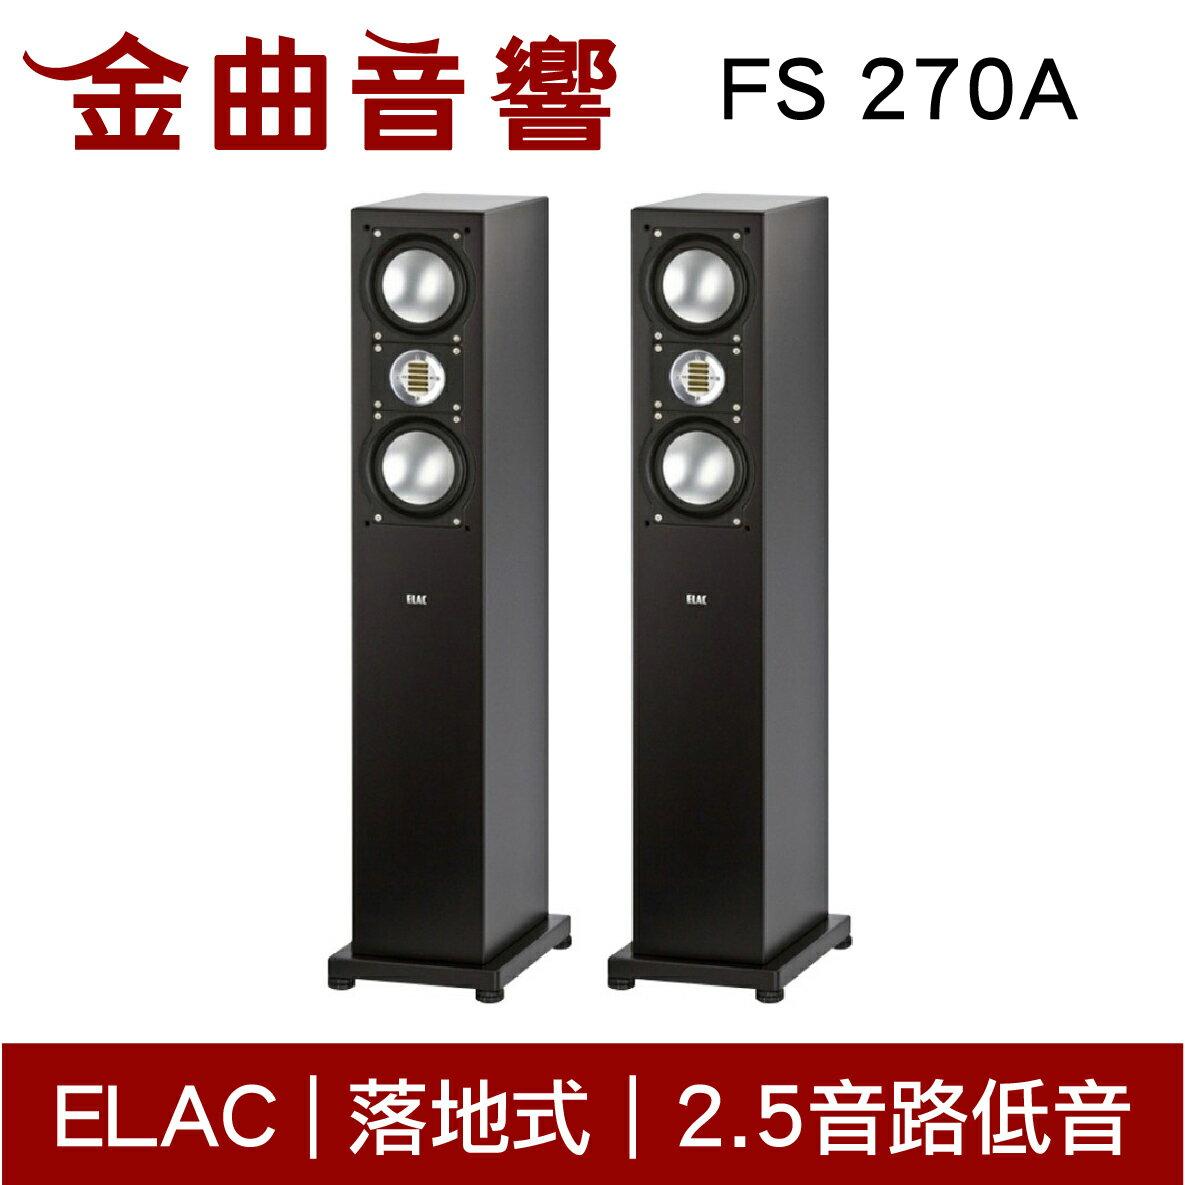 ELAC FS 270A 落地式 揚聲器 音響(一對)| 金曲音響